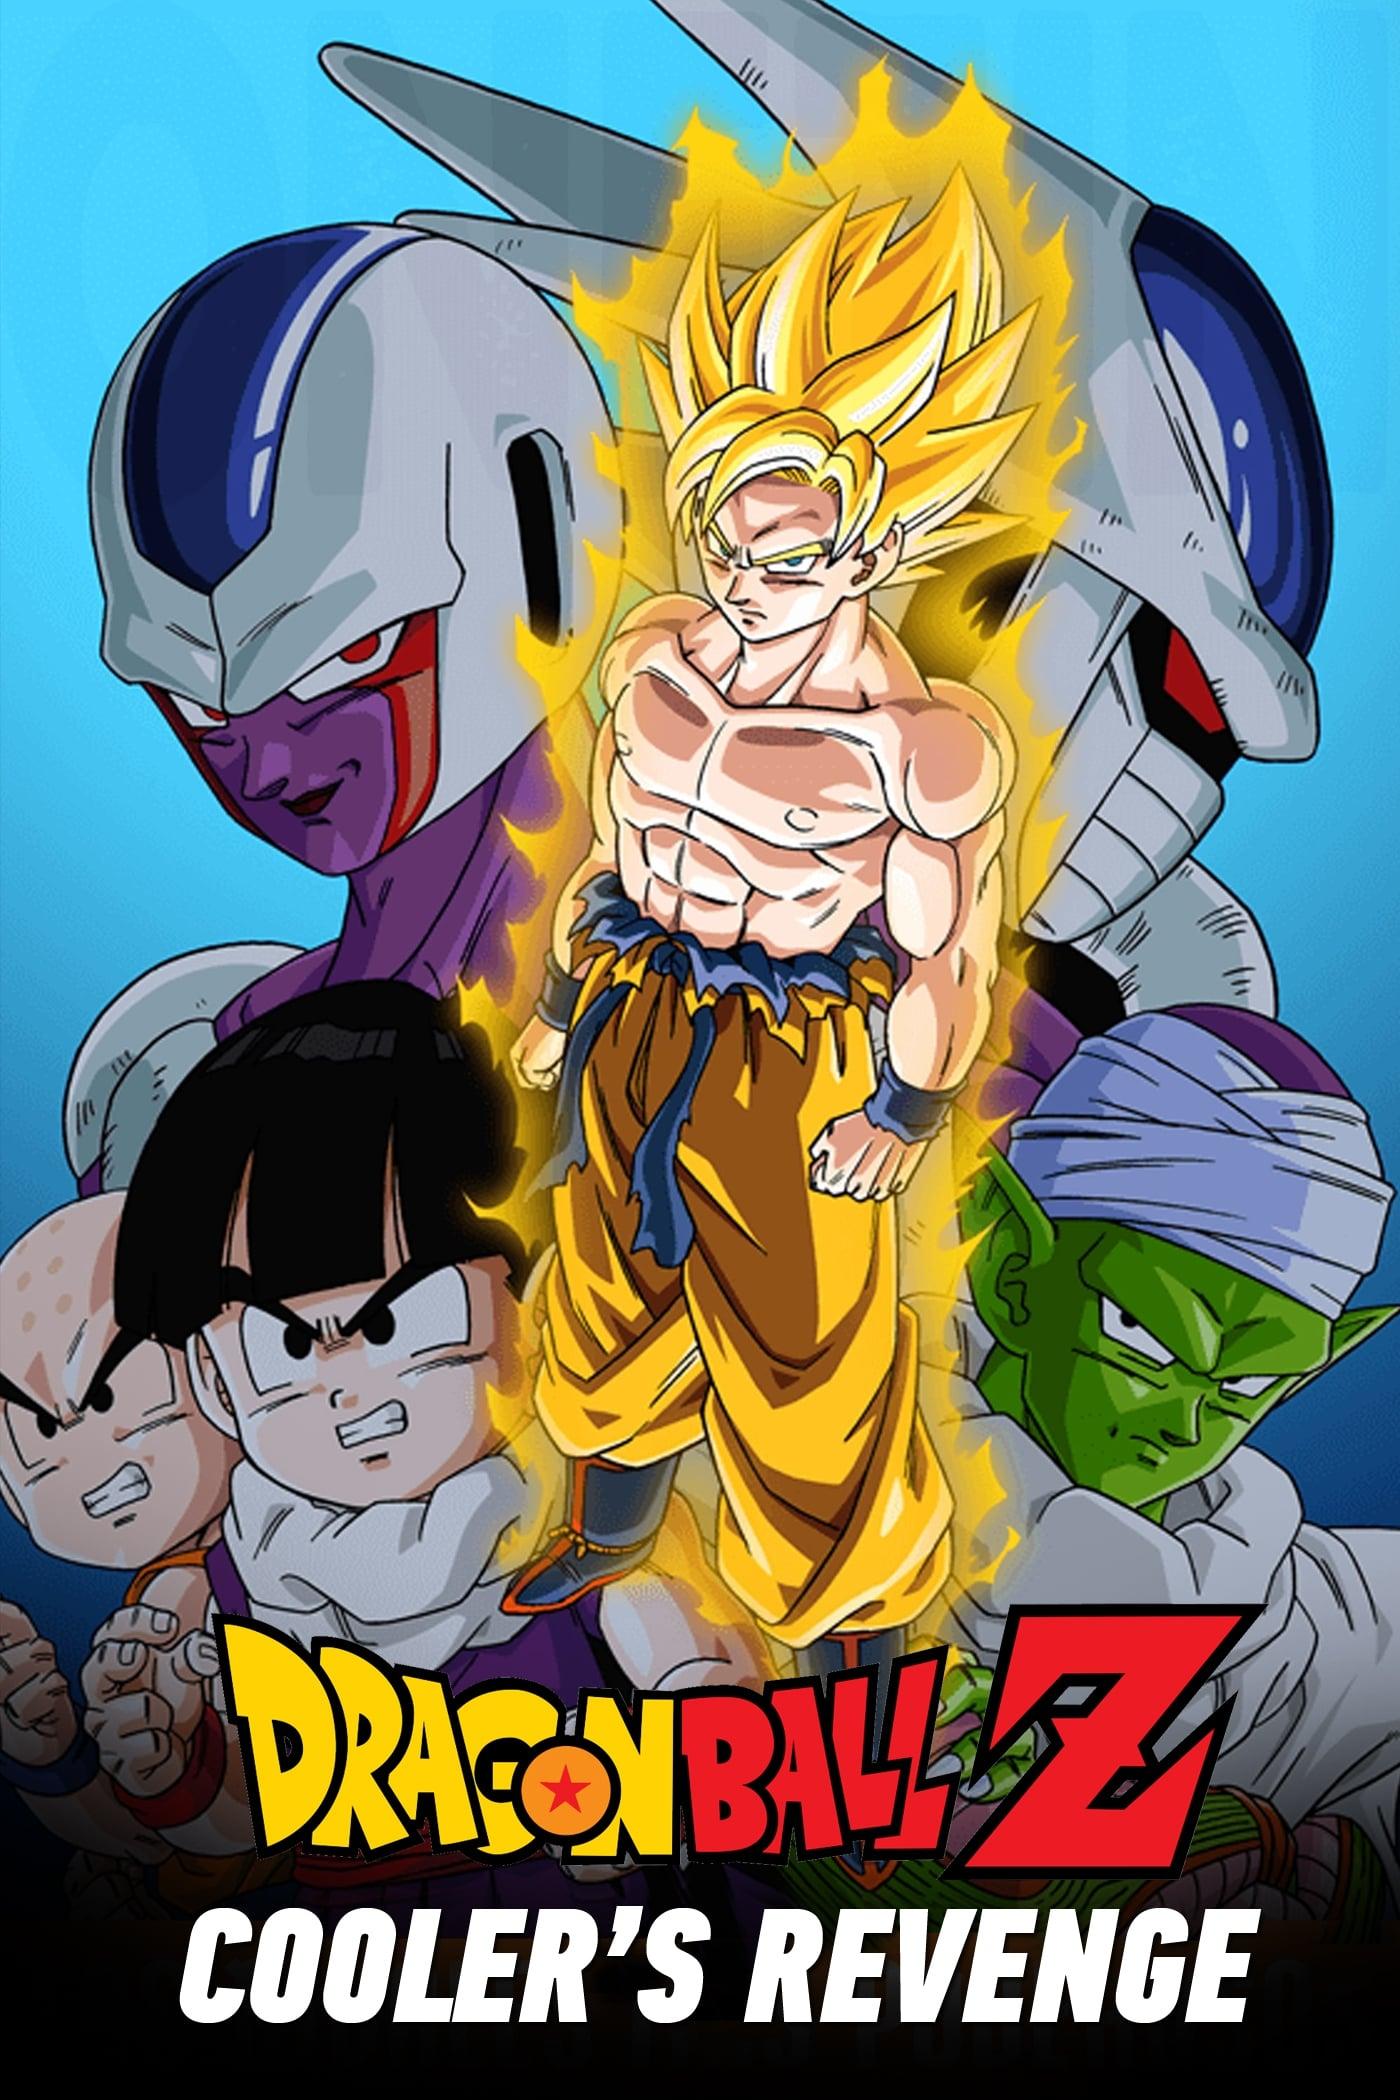 Dragon Ball Z: Cooler's Revenge (1991)